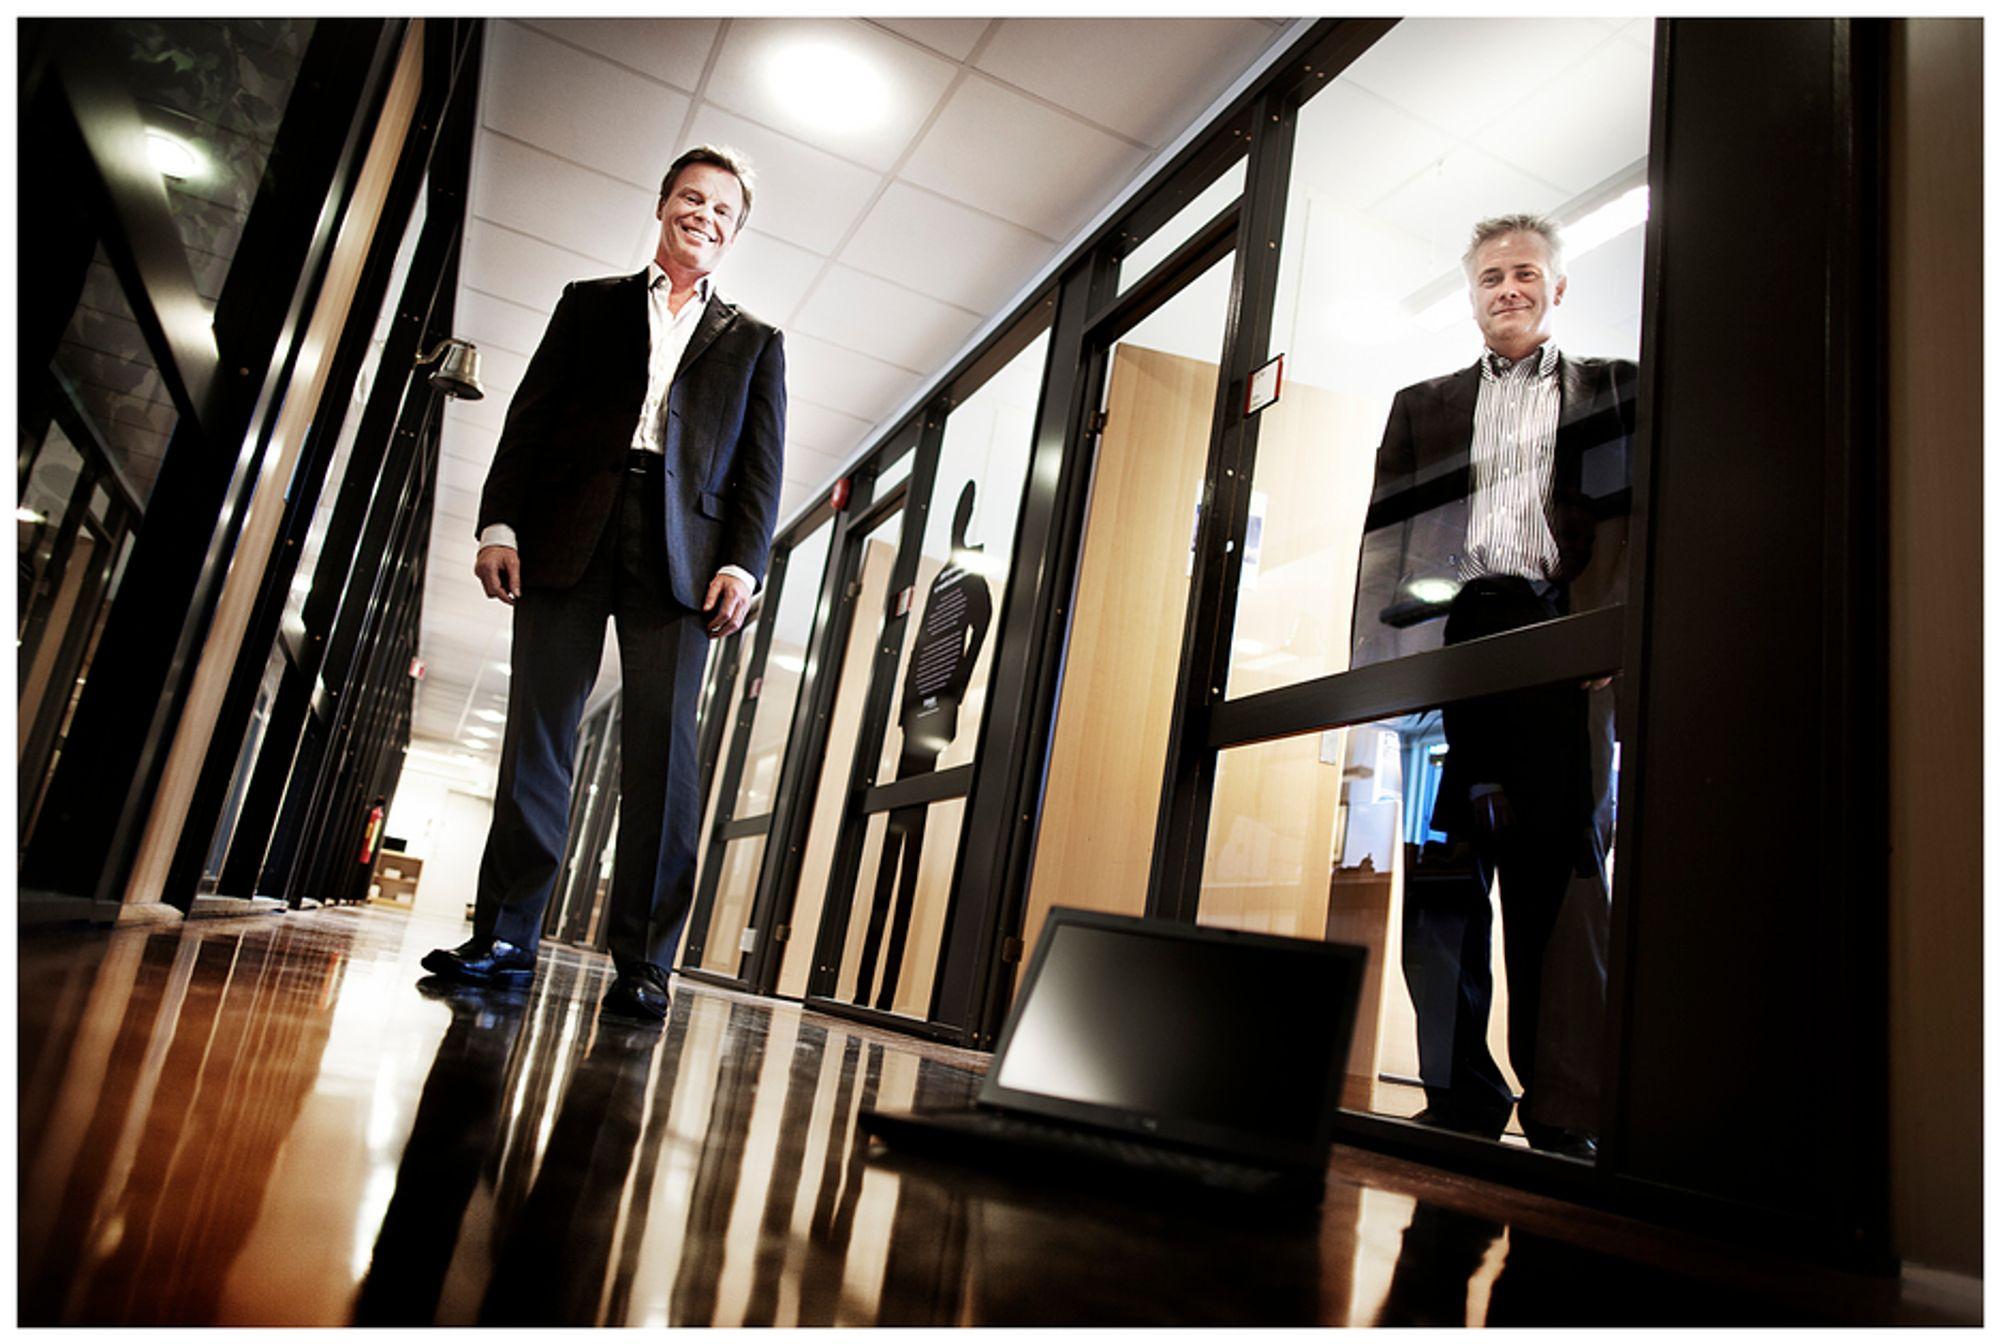 TENK NYTT:Administrerende direktør Eirik Pedersen (t.v) og  produktsjef Svein Thon i Proact mener vi må tenke helt nytt på måten vi lagrer data. Ellers drukner vi i kostnader og kompleksitet.